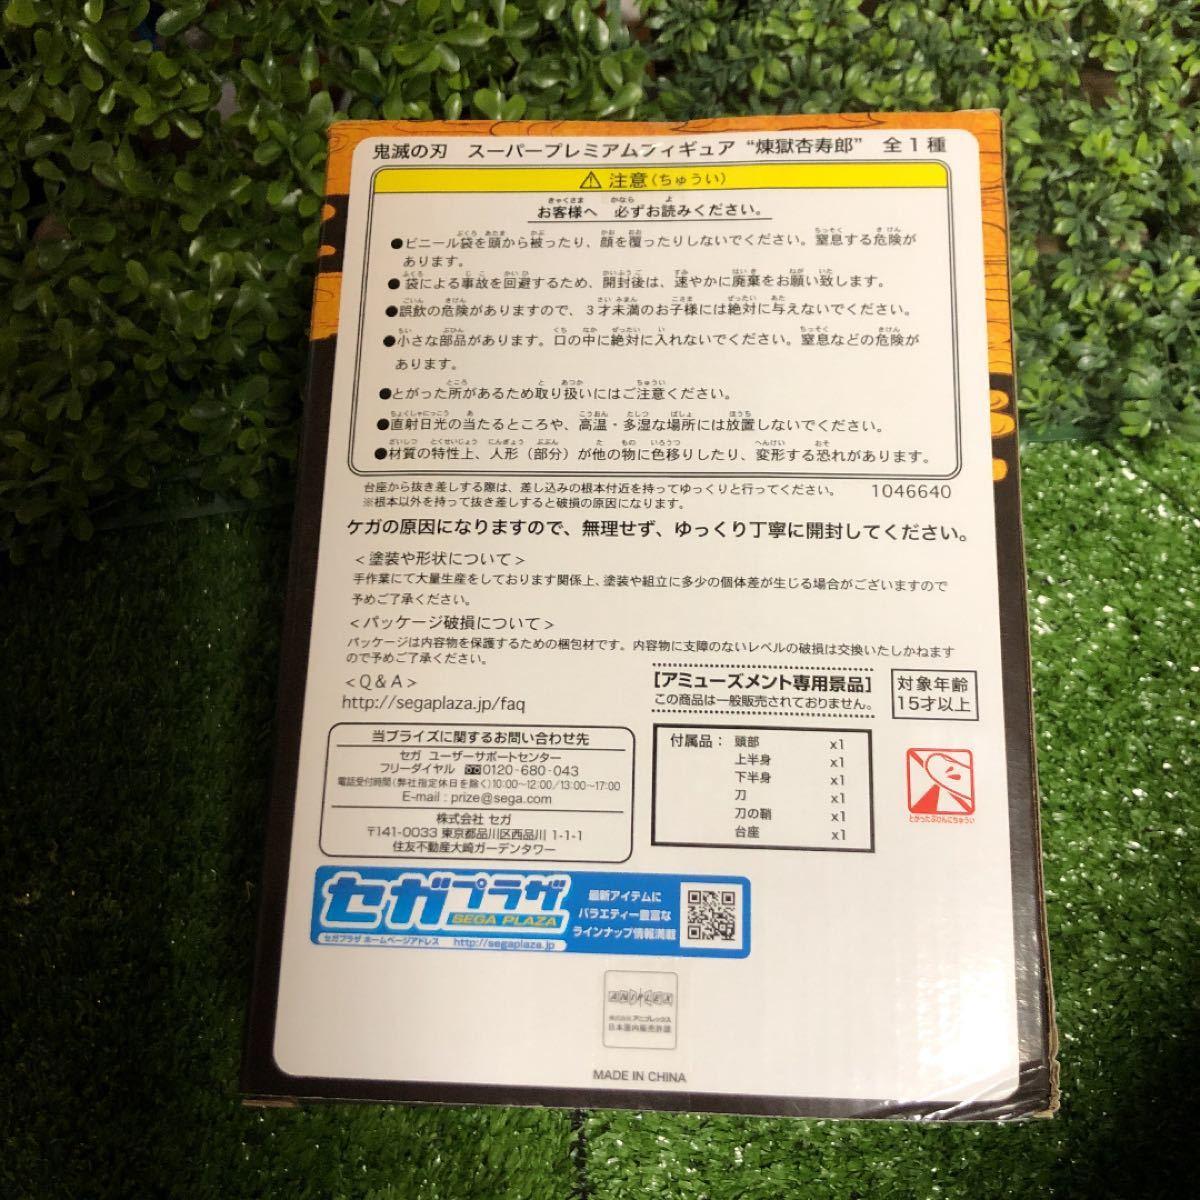 鬼滅の刃 SPM スーパープレミアムフィギュア 煉獄杏寿郎